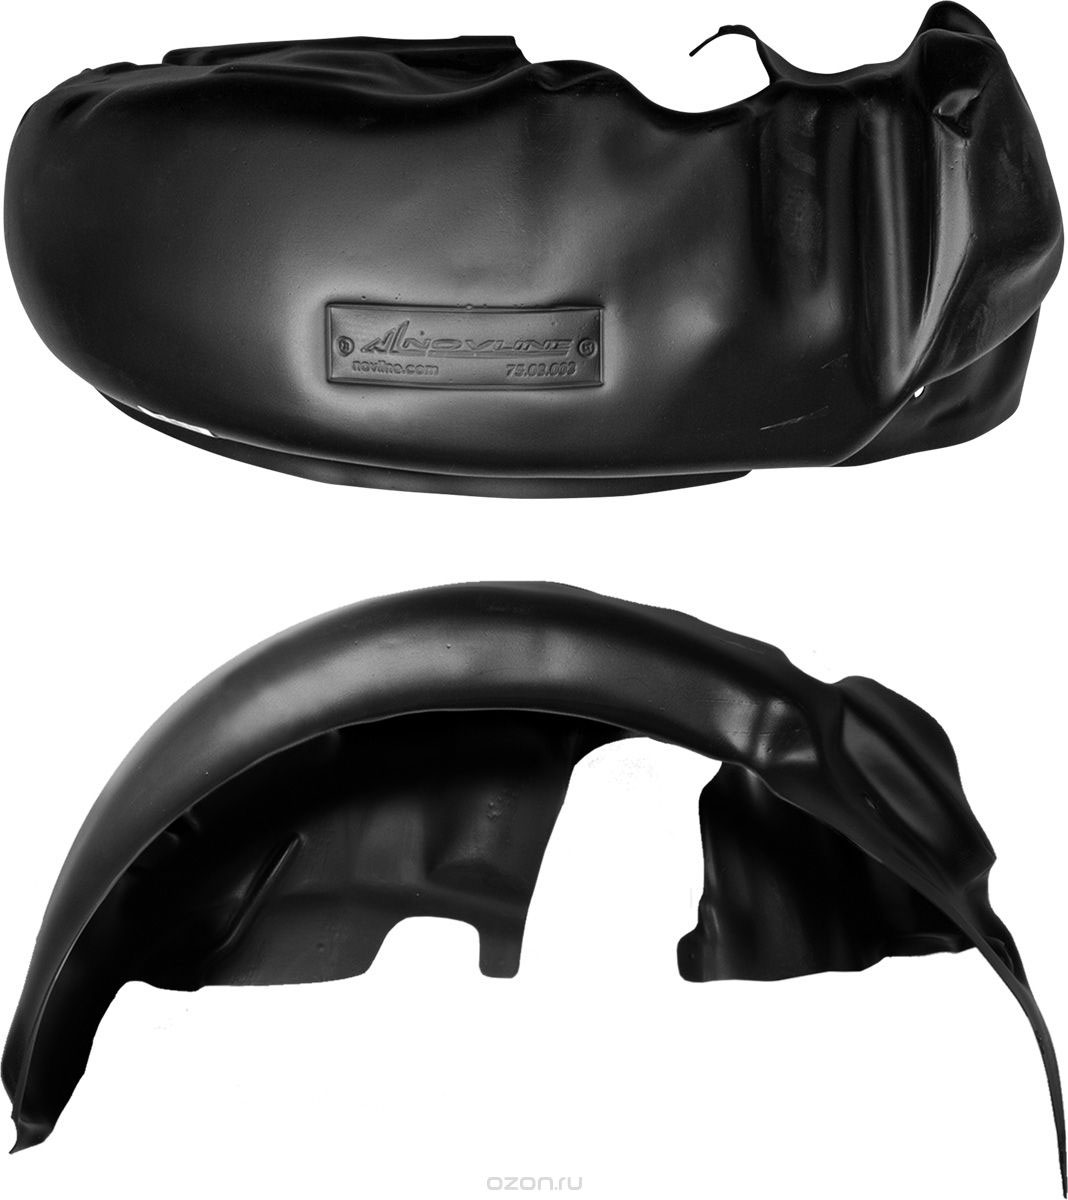 Подкрылок Novline-Autofamily, для ВАЗ 2115 1997-2012, б/б, задний левый000703Идеальная защита колесной ниши. Локеры разработаны с применением цифровых технологий, гарантируют максимальную повторяемость поверхности арки. Изделия устанавливаются без нарушения лакокрасочного покрытия автомобиля, каждый подкрылок комплектуется крепежом. Уважаемые клиенты, обращаем ваше внимание, что фотографии на подкрылки универсальные и не отражают реальную форму изделия. При этом само изделие идет точно под размер указанного автомобиля.